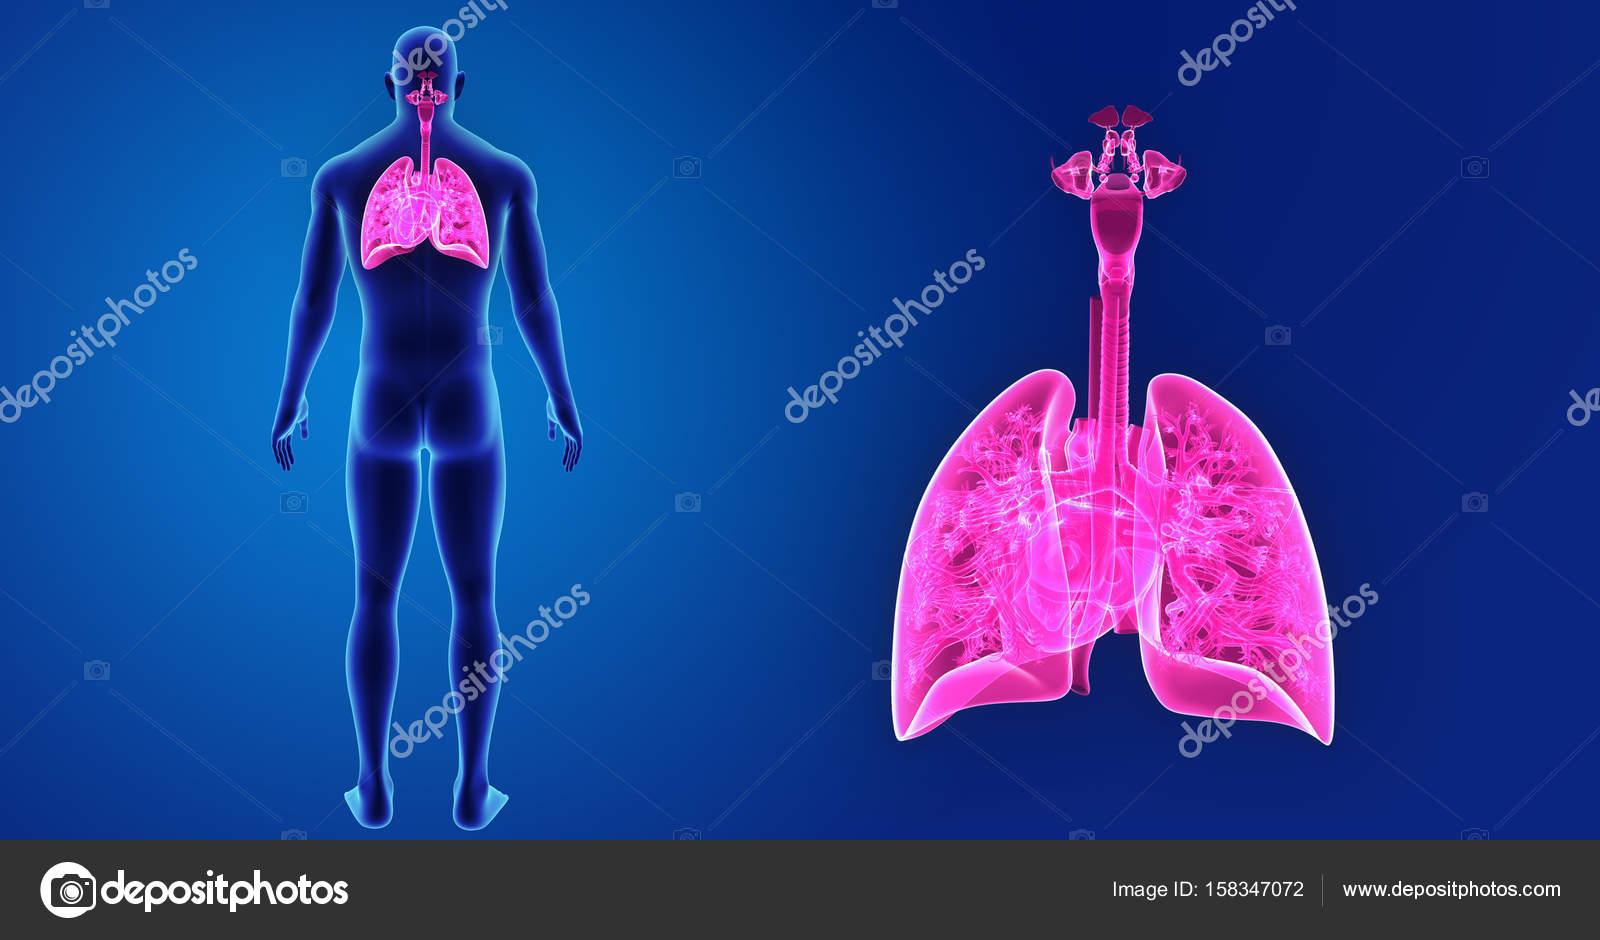 Lungen und Herz Zoom mit Körper — Stockfoto © sciencepics #158347072